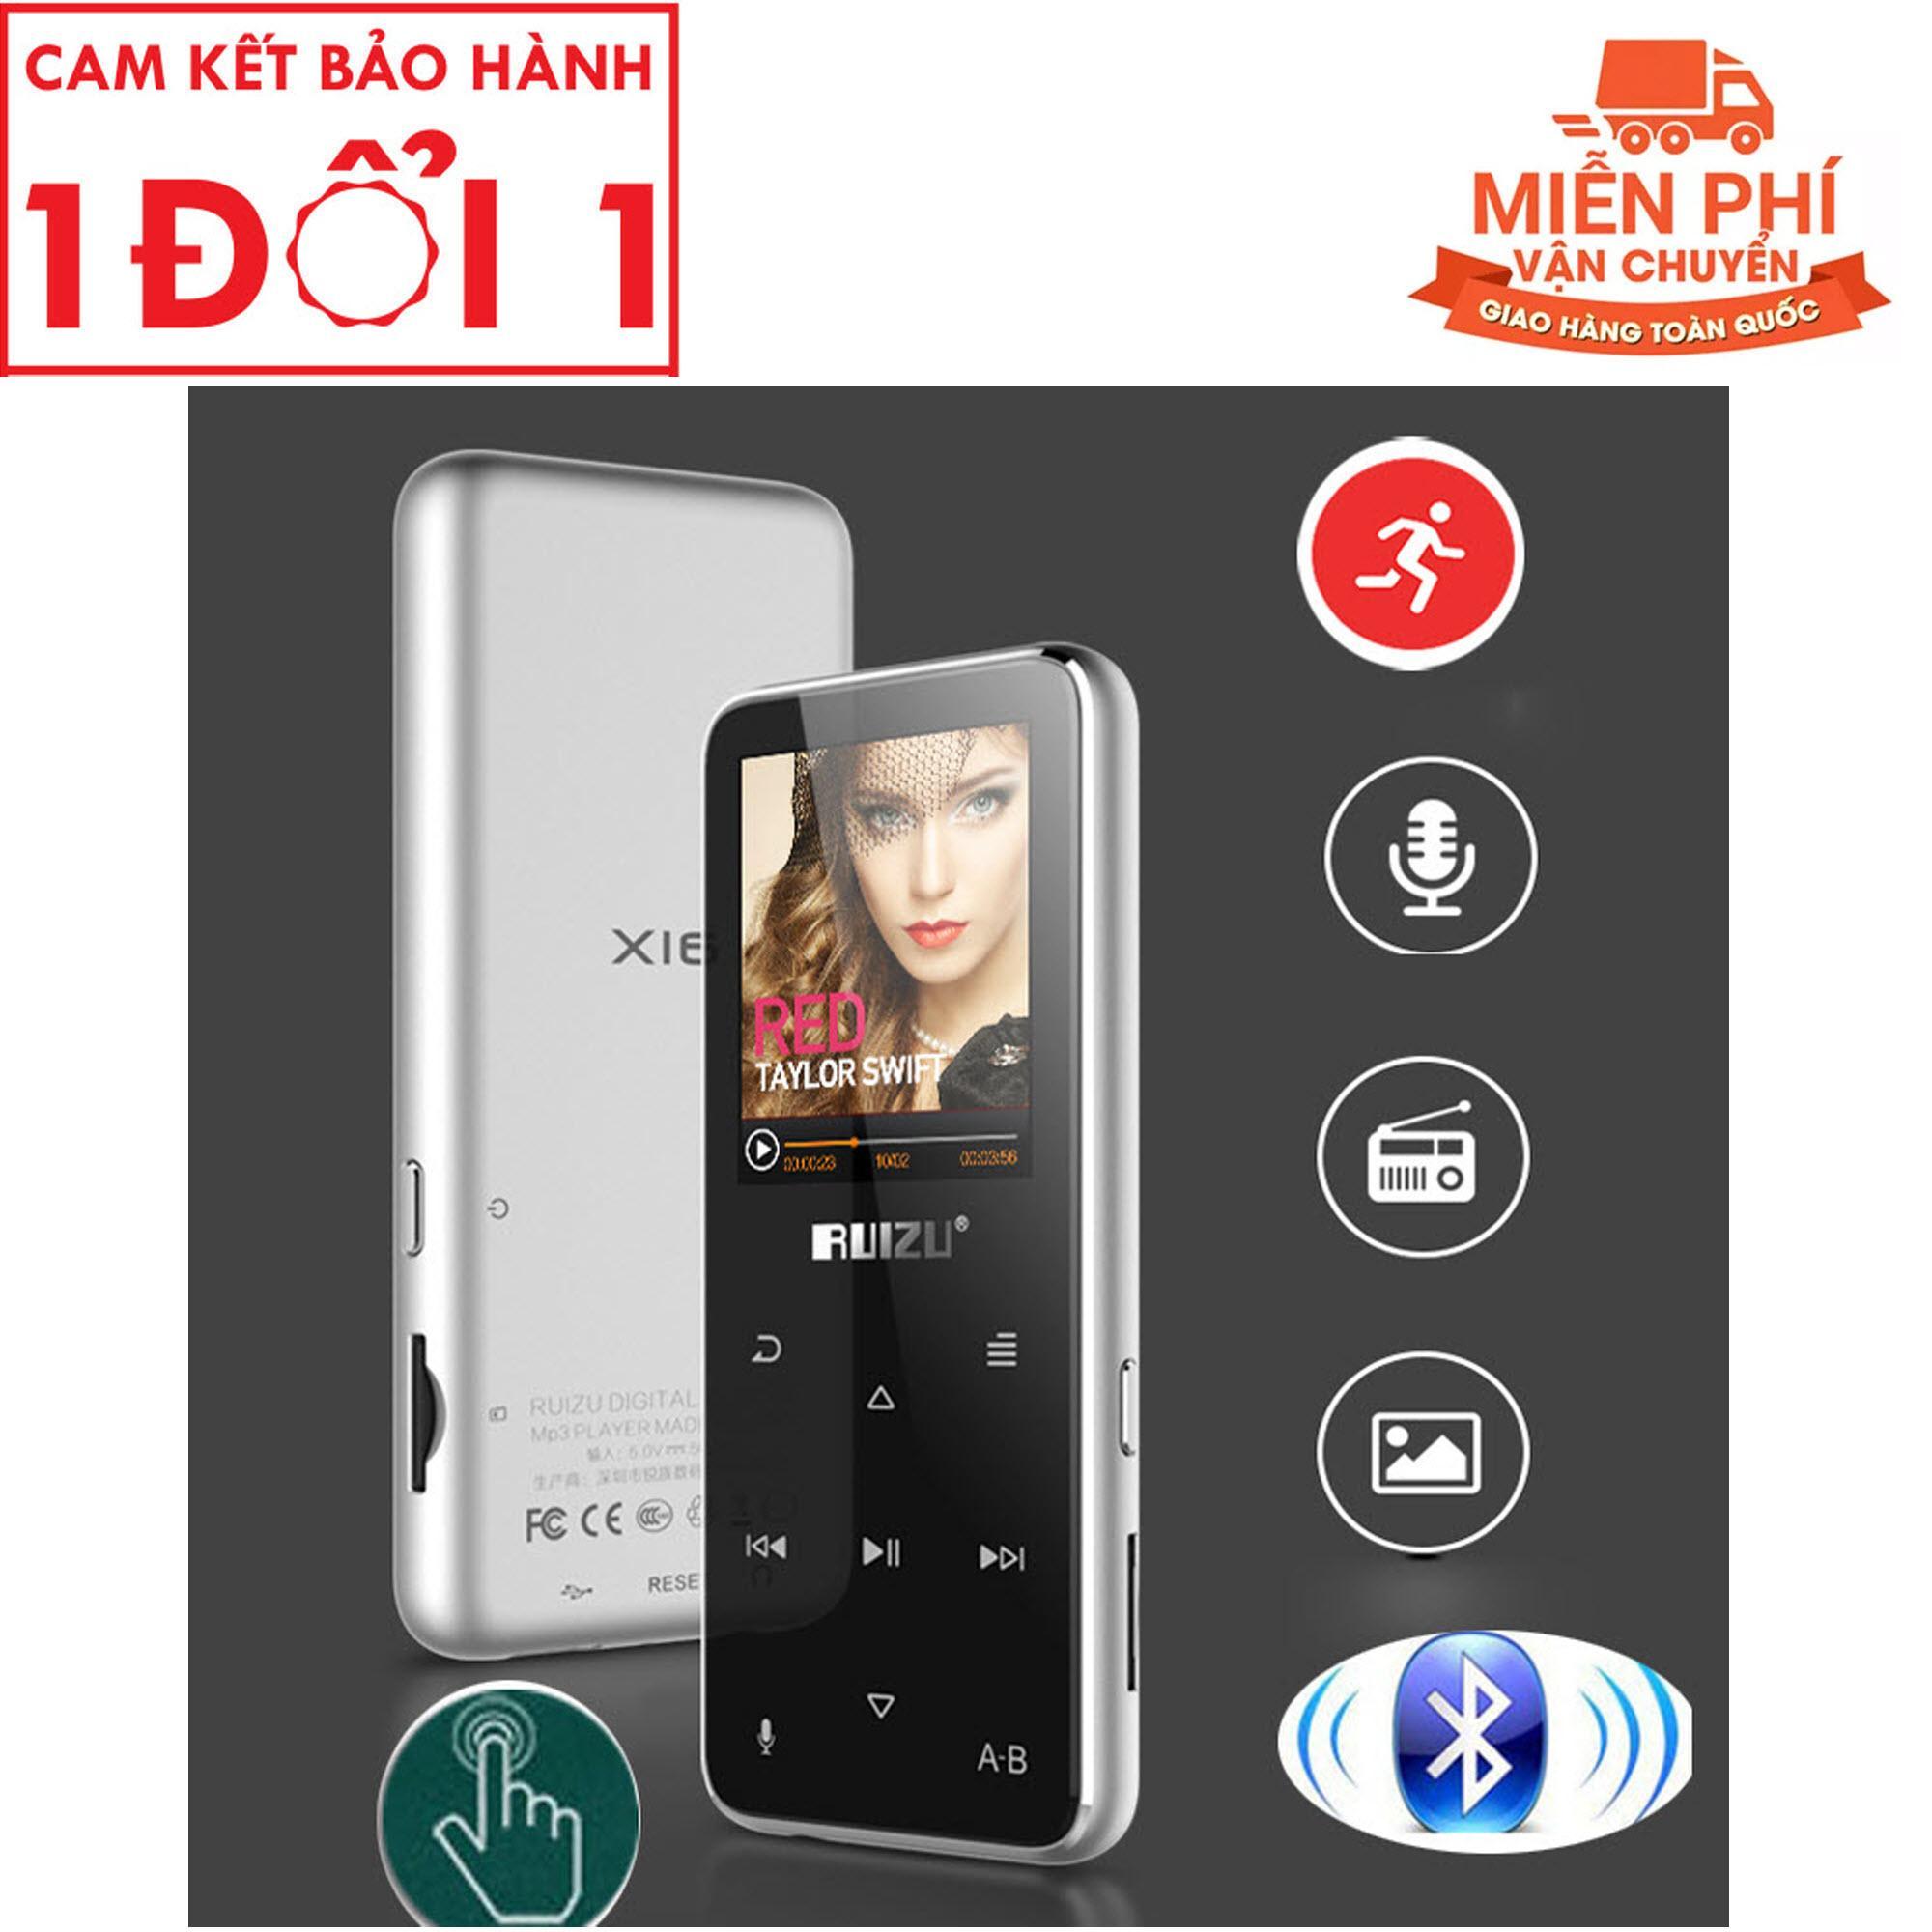 RUIZU X16 Bluetooth MP3 Player Hifi Sports Flac Music Player With Built-in Speaker Support FM Radio Recording E-Book Pedometer - Máy nghe nhạc thể thao Bluetooth, HiFi Ruizu X16-8GB (Hàng công ty nhập khẩu và phân phối trực tiếp)